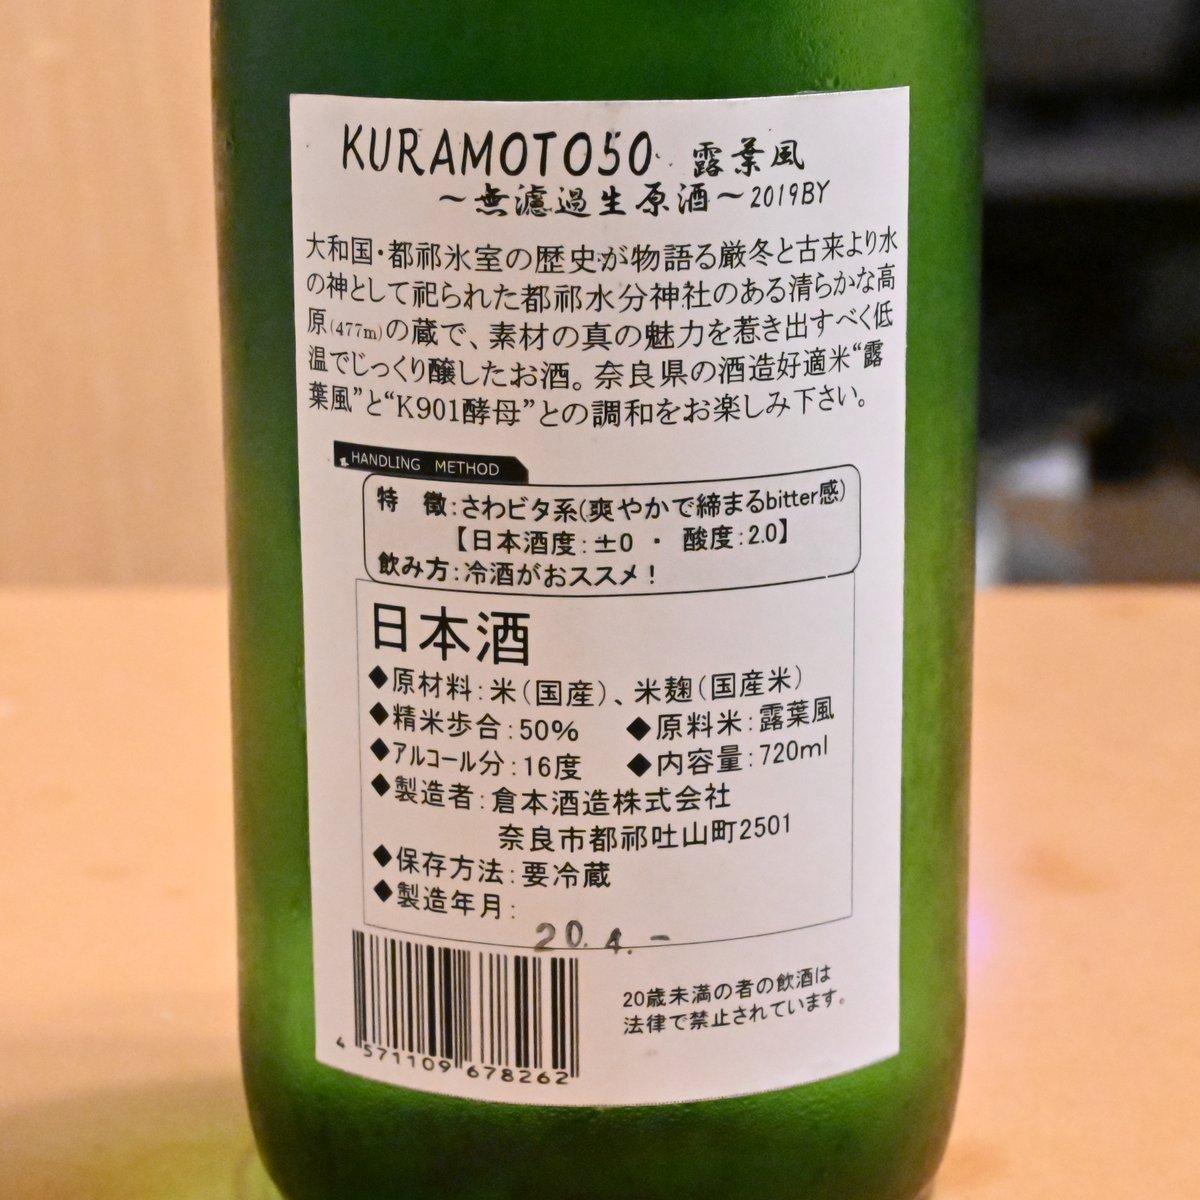 test ツイッターメディア - お初でございます。奈良の倉本(金嶽)の2018年から登場した新ブランドKURAMOTOだそうでございます。奈良の酒米『露葉風』の50。ラベルのドットが00110010で十進の50なんだとか。あえて純吟の特定名称は名乗らないんだそうで。 風の森露葉風に似てるようで非なる感じがなかなか『さわビタ系』と文字数 https://t.co/1RWHz5XYTj